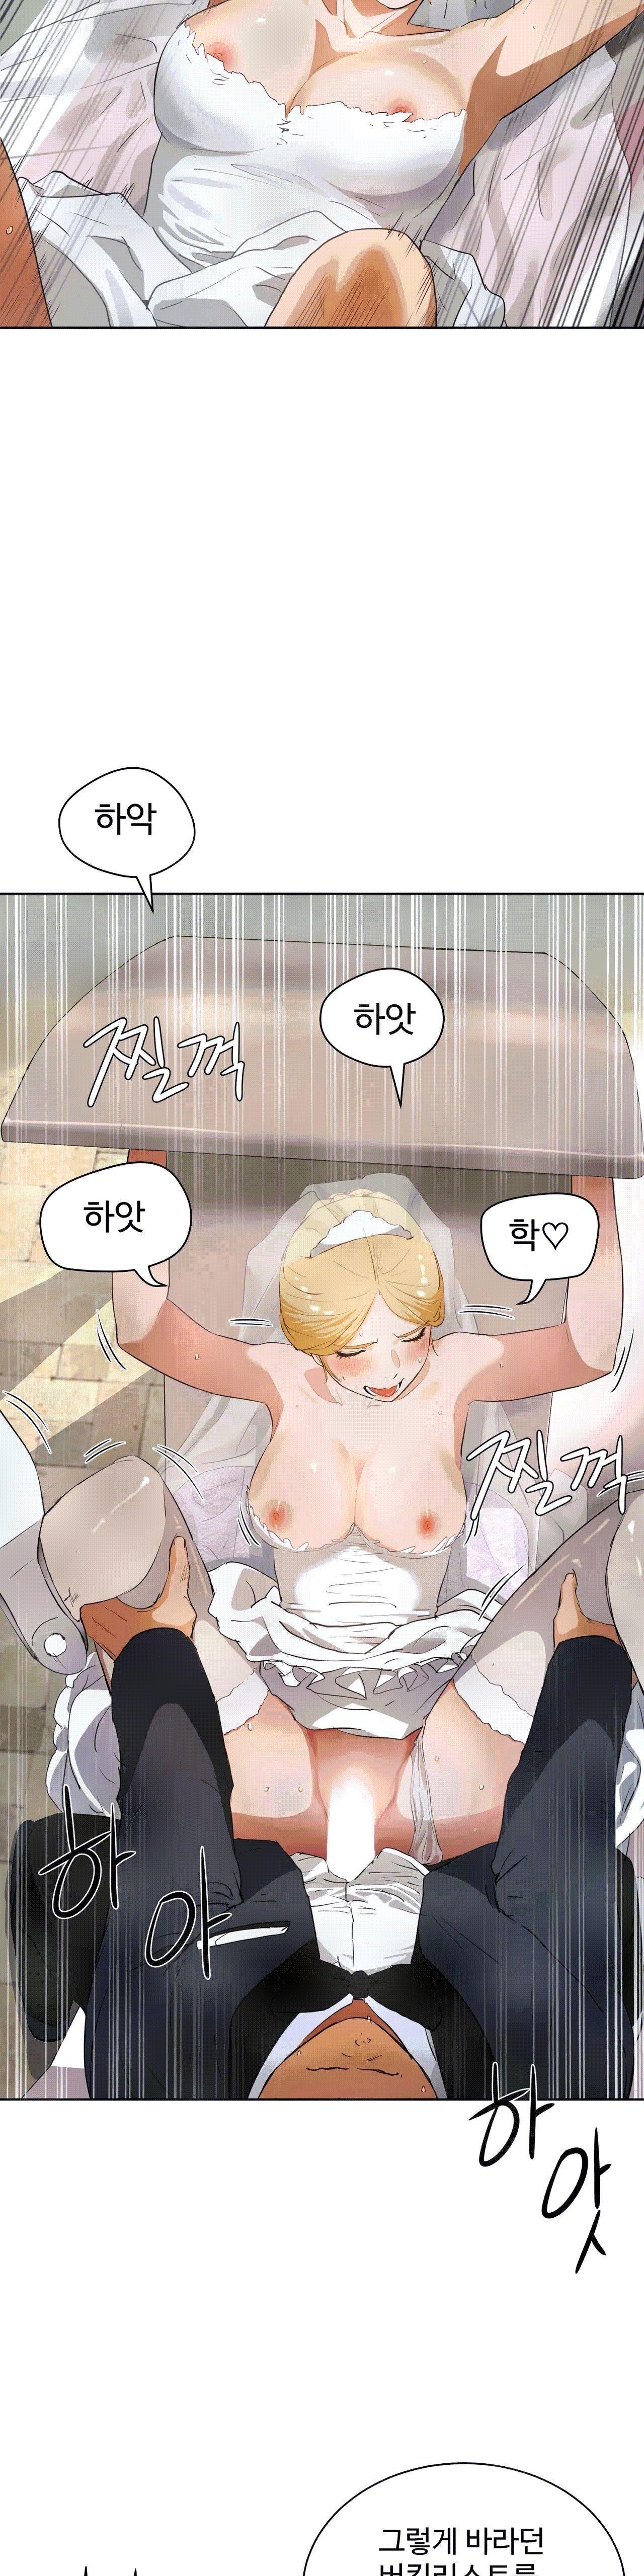 性教育 1-48.5 中文翻译(完結) 432